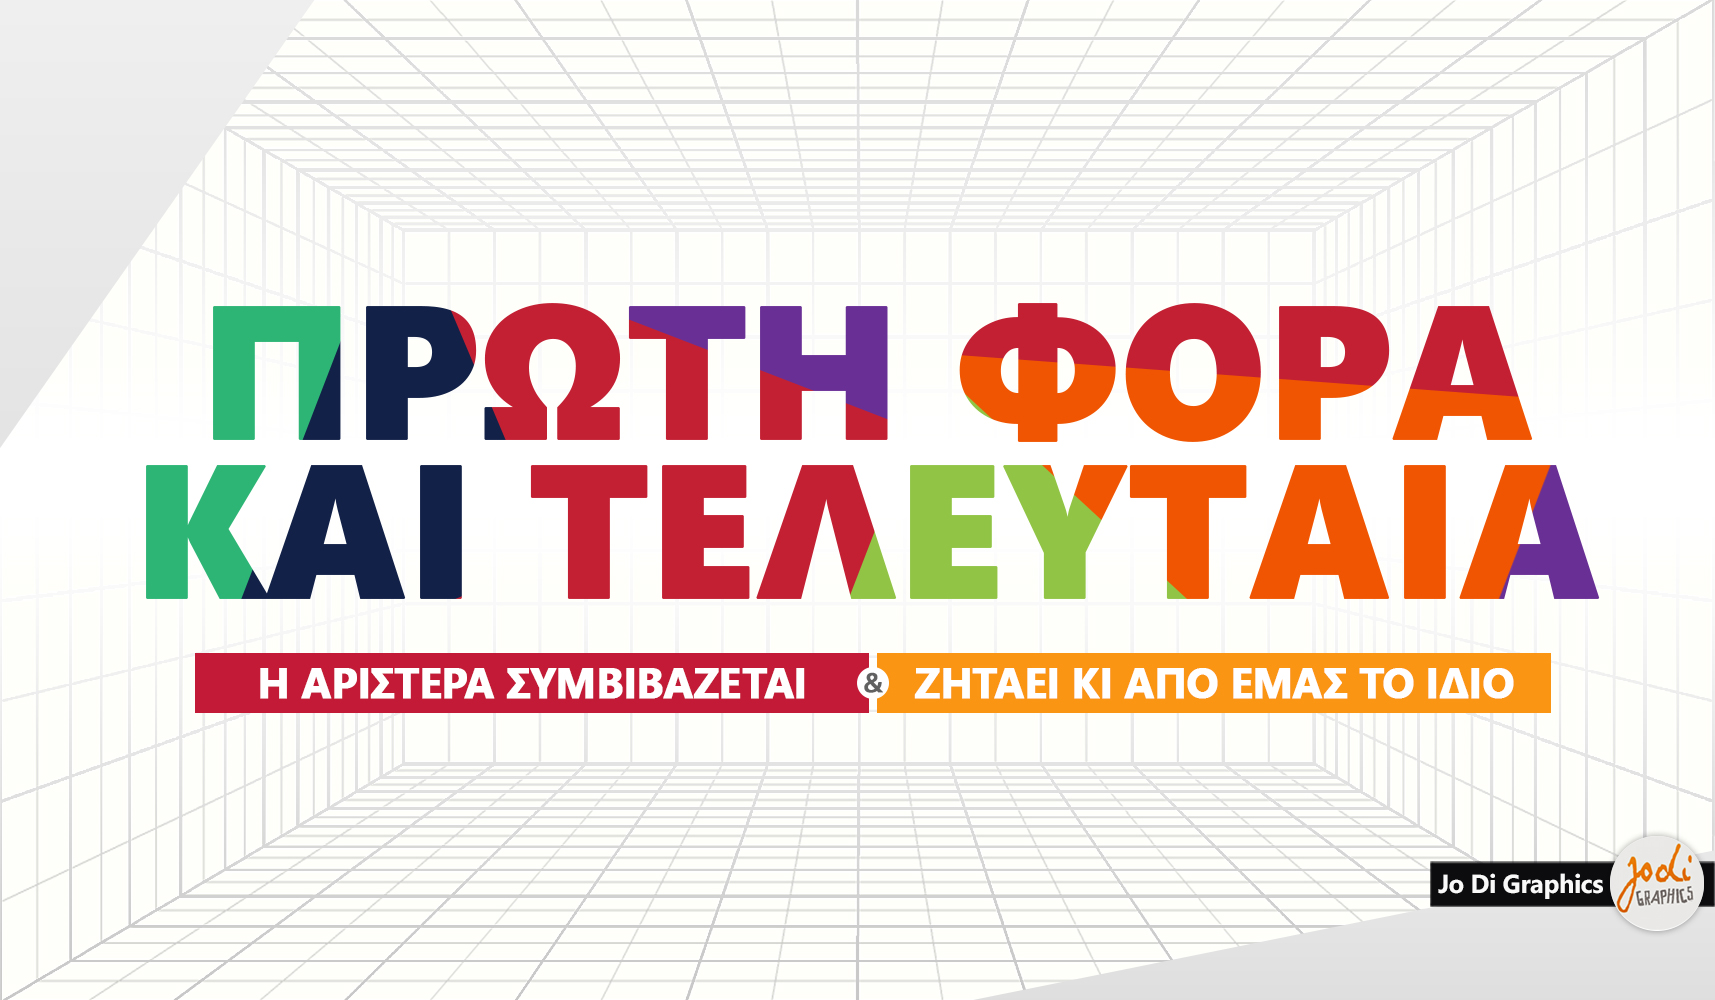 Ο Λάμπρος Ροϊλός σε χίλιες λέξεις- ίσες με μια εικόνα - σκιαγραφεί με σατυρικό τρόπο την διακυβέρνηση από την πρώτη φορά Αριστερά, μέσα από λαϊκές παροιμίες. new deal